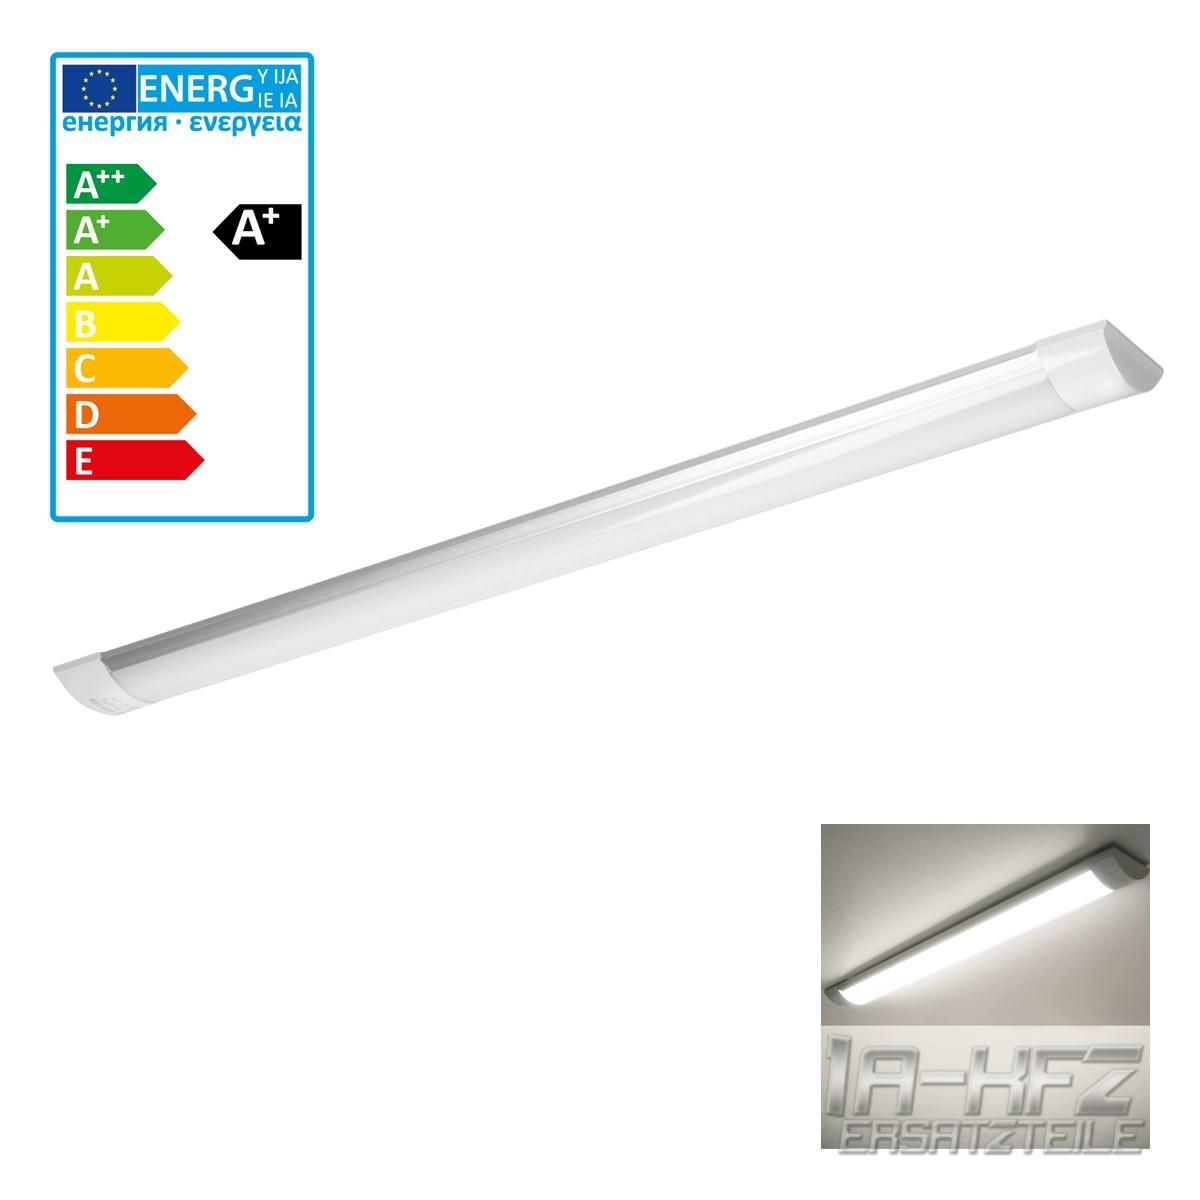 LED lampada bianco caldo illuminazione ufficio parete ...